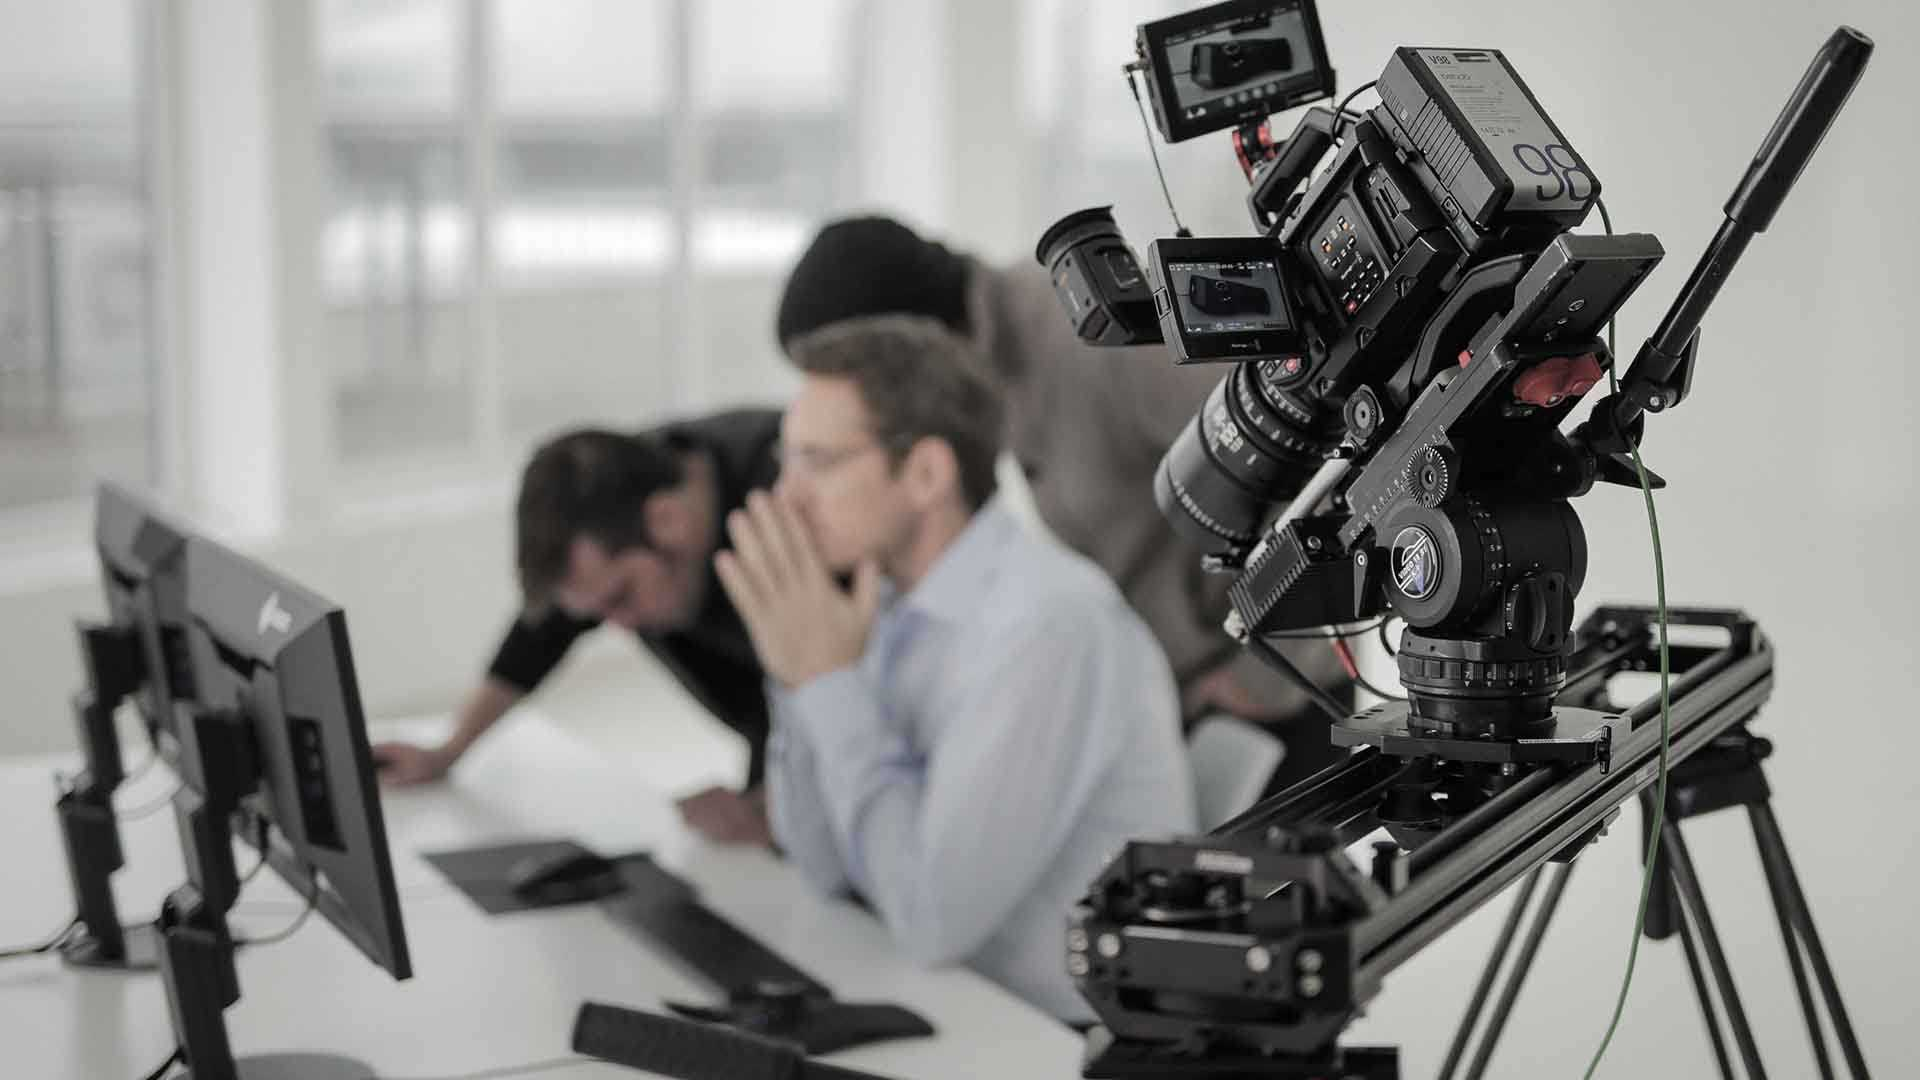 Das Bild zeigt eine Kamera. Diese Kamera ist so positioniert, dass sie einen Mann filmt. Dieser Mann sitzt an einem Schreibtisch. Auf diesem Schreibtisch steht ein Computer mit Equipment. Um den Mann herum stehen nochmals zwei Männer. Der Fokus des Bildes liegt auf der Kamera, diese ist scharf gestellt, der Rest des Bildes ist unscharf. Das Bild dient als Sliderbild für den Portfolioeintrag 3Dconnexion SpaceMouse von Panda Pictures.